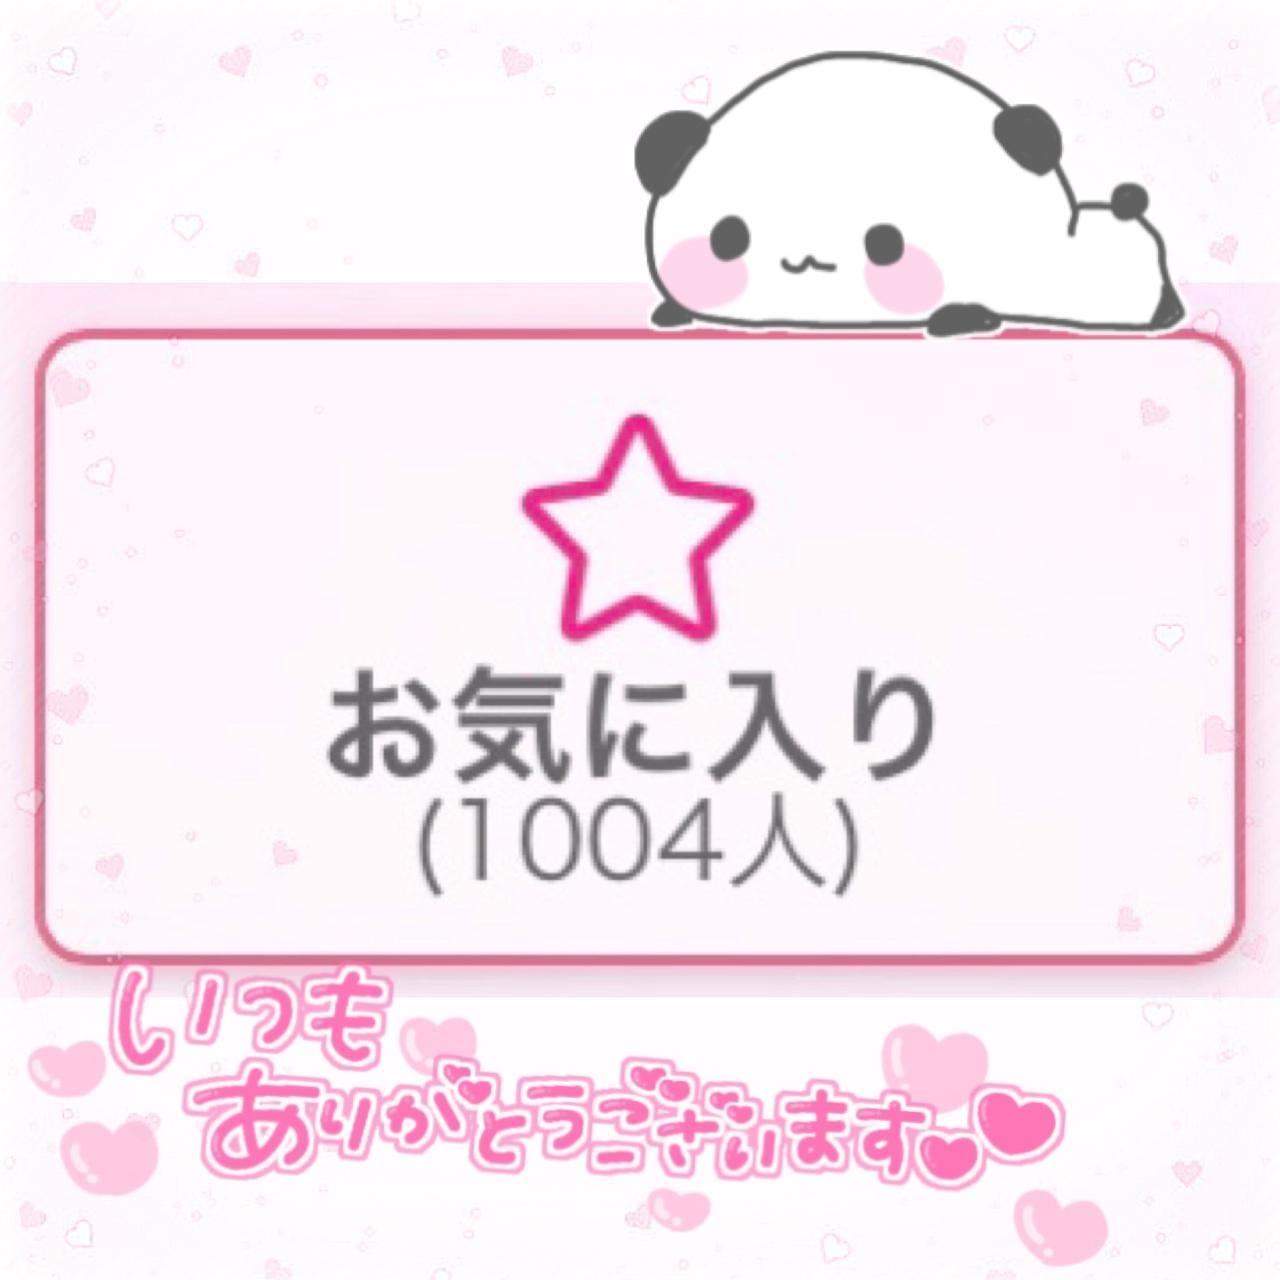 「1000突破???」10/22(10/22) 00:16 | かなちゃんの写メ・風俗動画